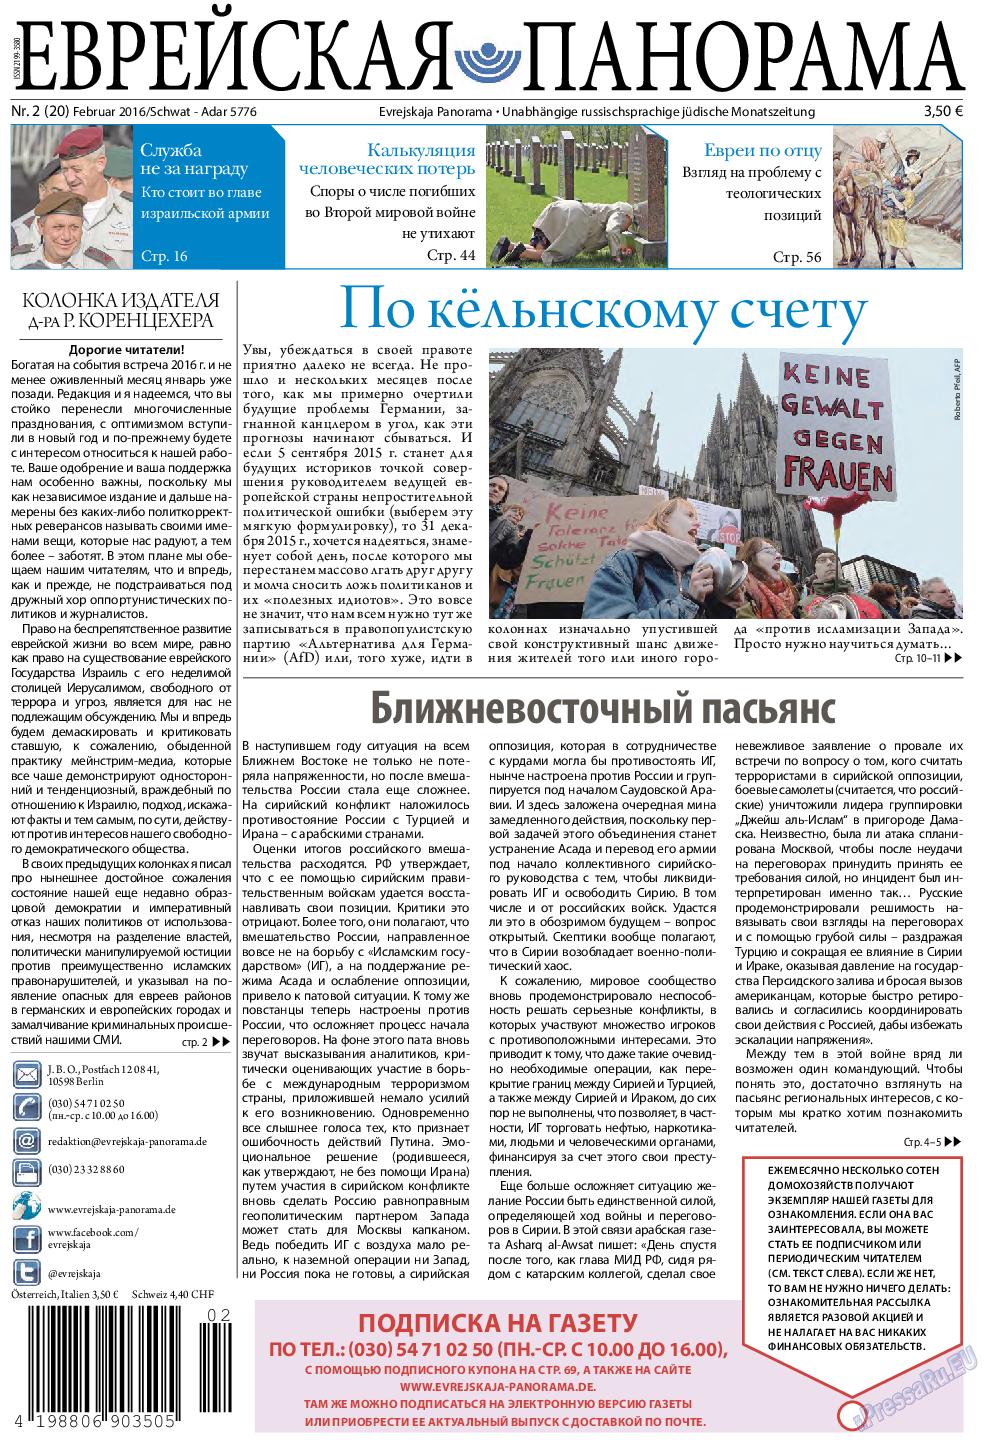 Еврейская панорама (газета). 2016 год, номер 2, стр. 1